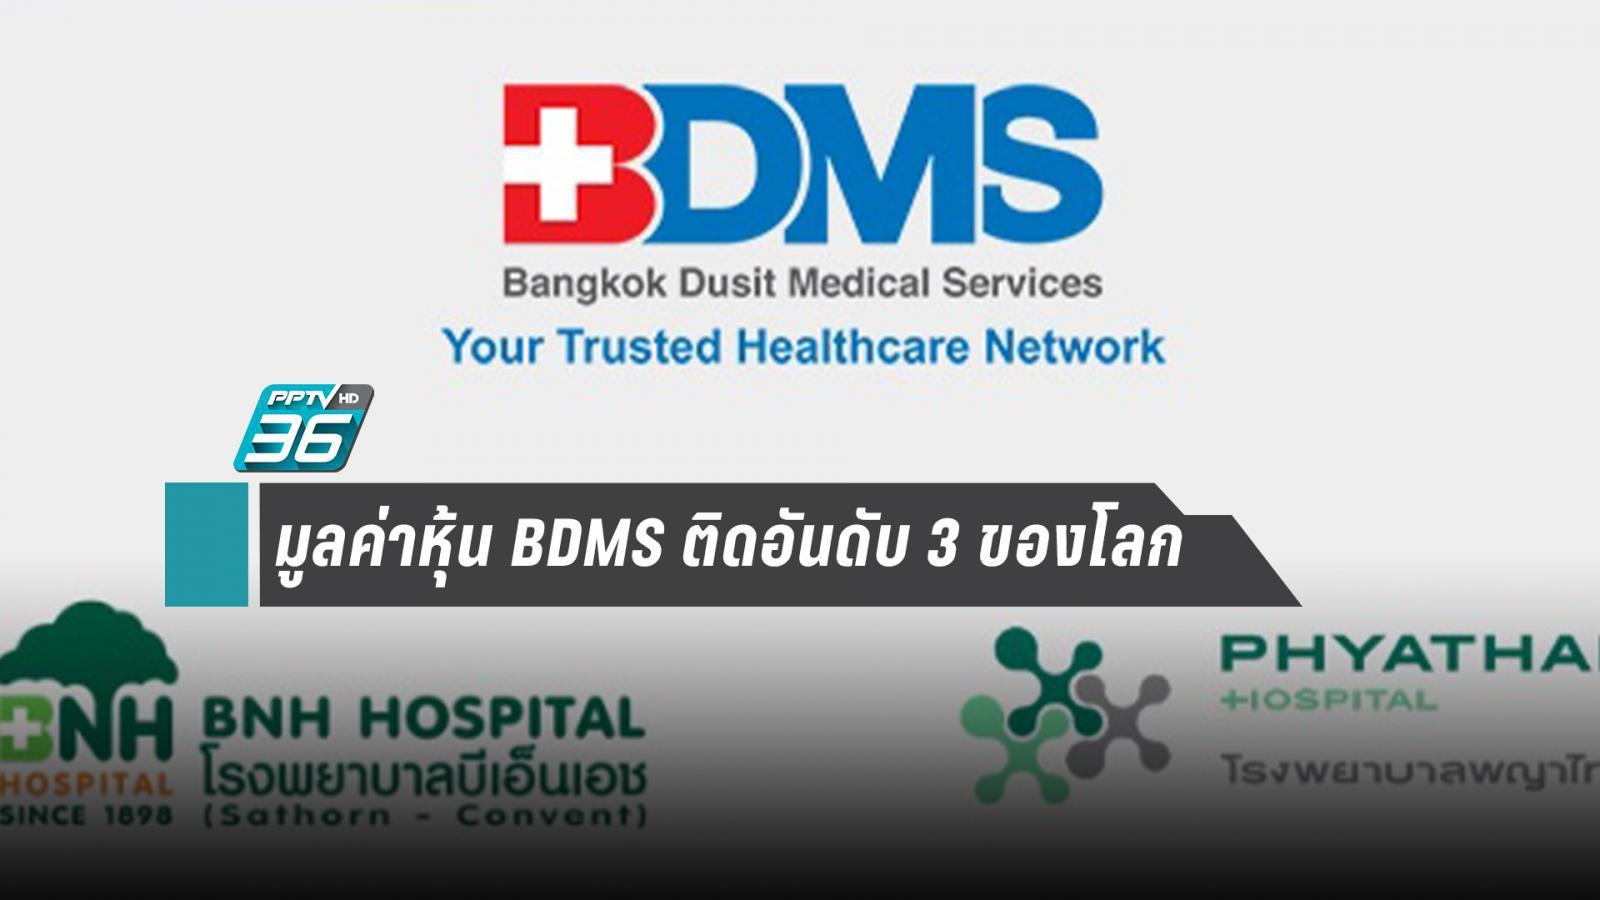 มูลค่าหุ้น BDMS ติดอันดับ 3 ของโลกกลุ่มแพทย์